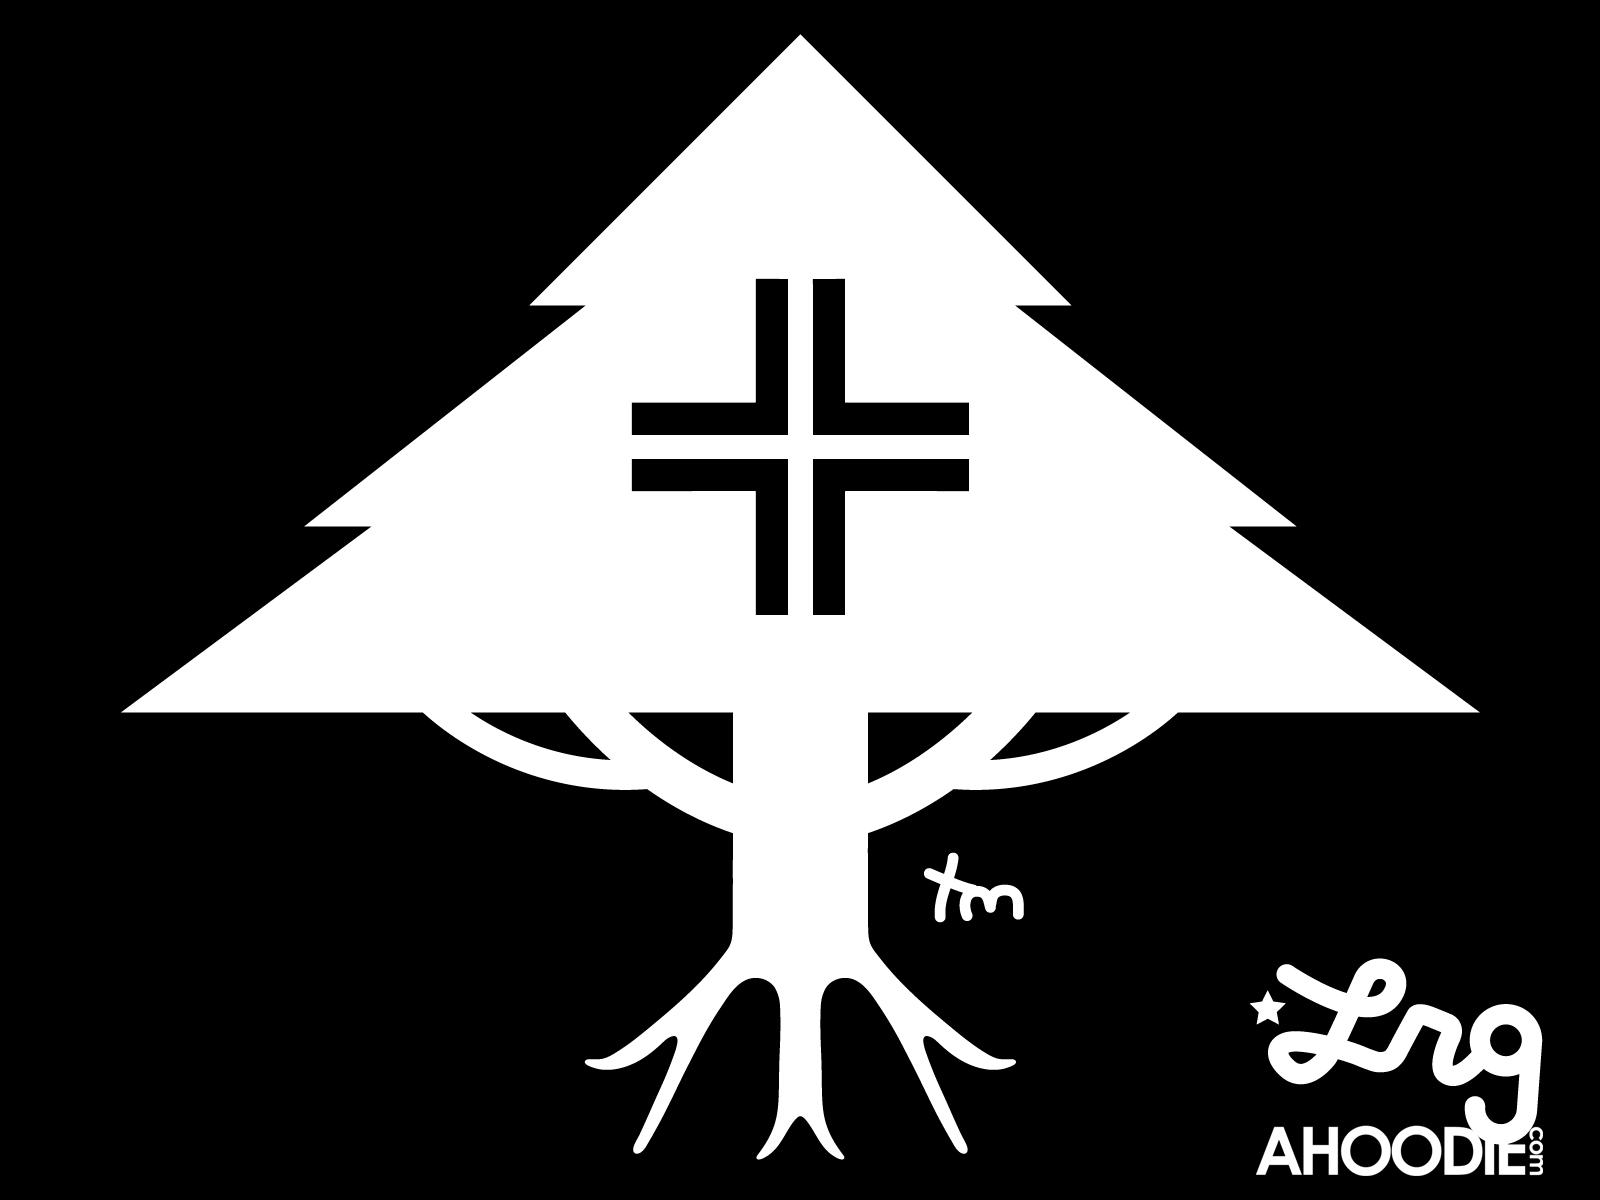 ファスナーのクリップはLRGのロゴになっています。